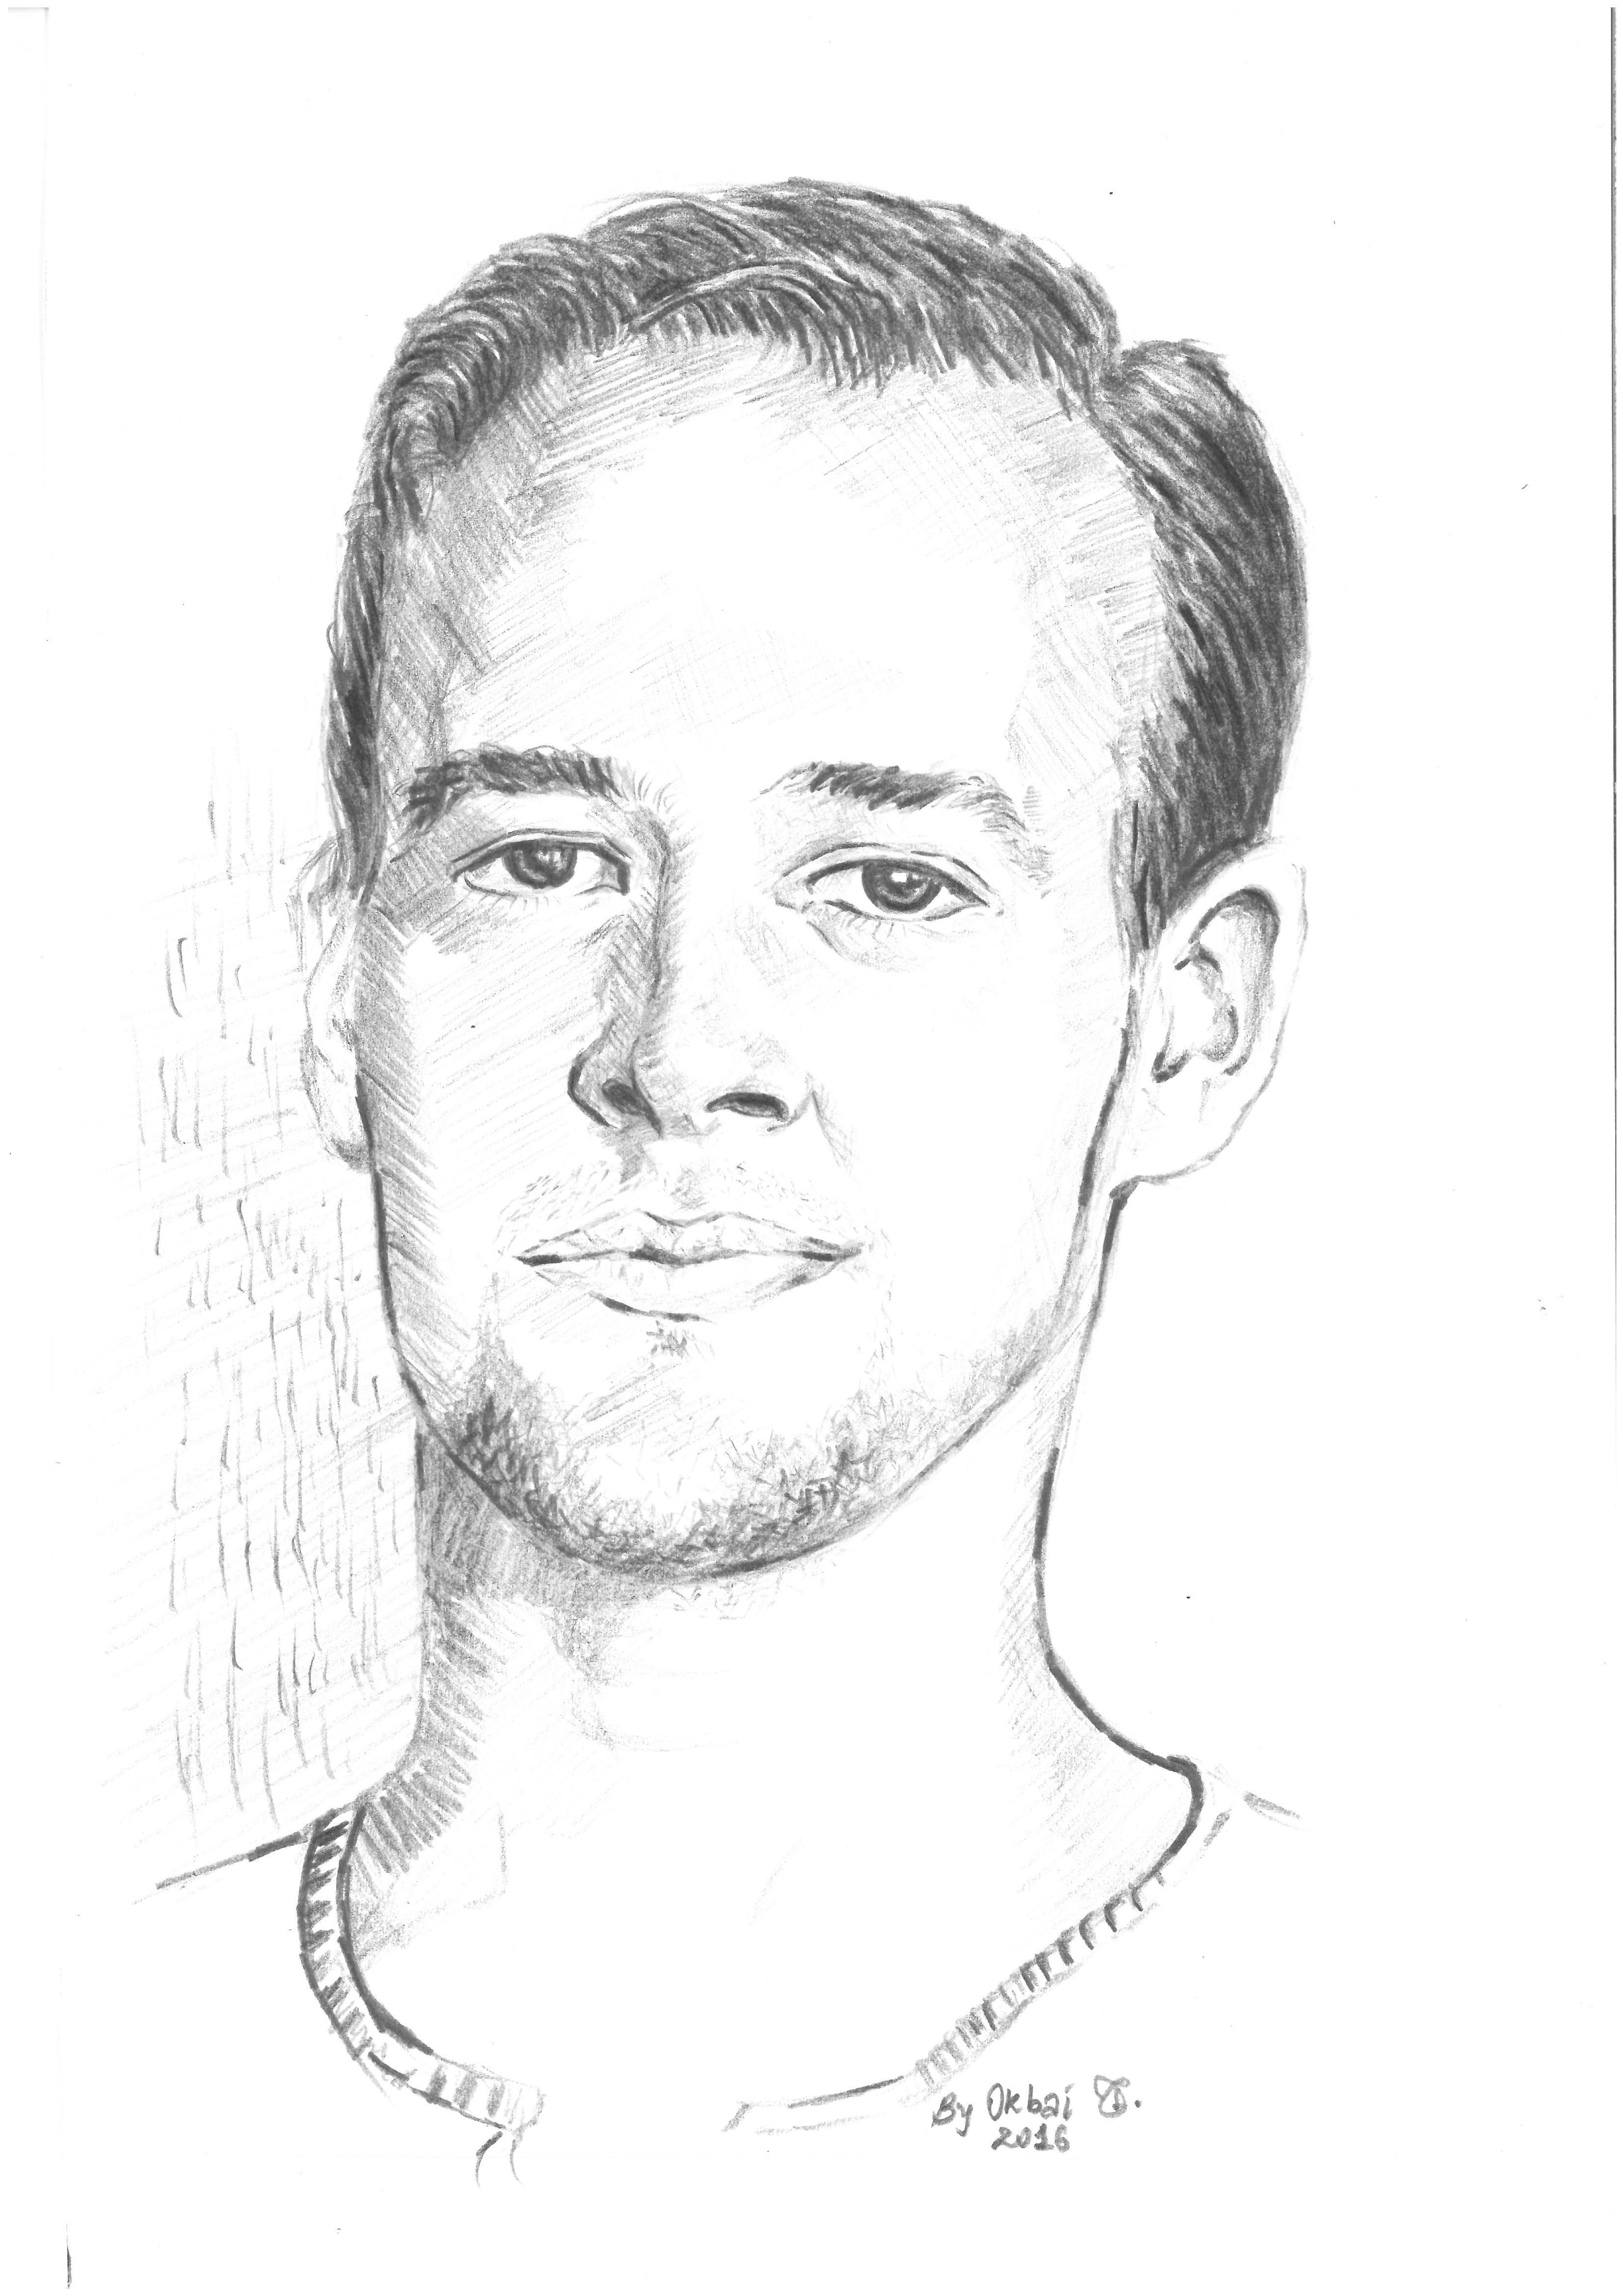 Eind Bild zeigt ein gezeichnetes Porträt von Maximilian Pfeifer